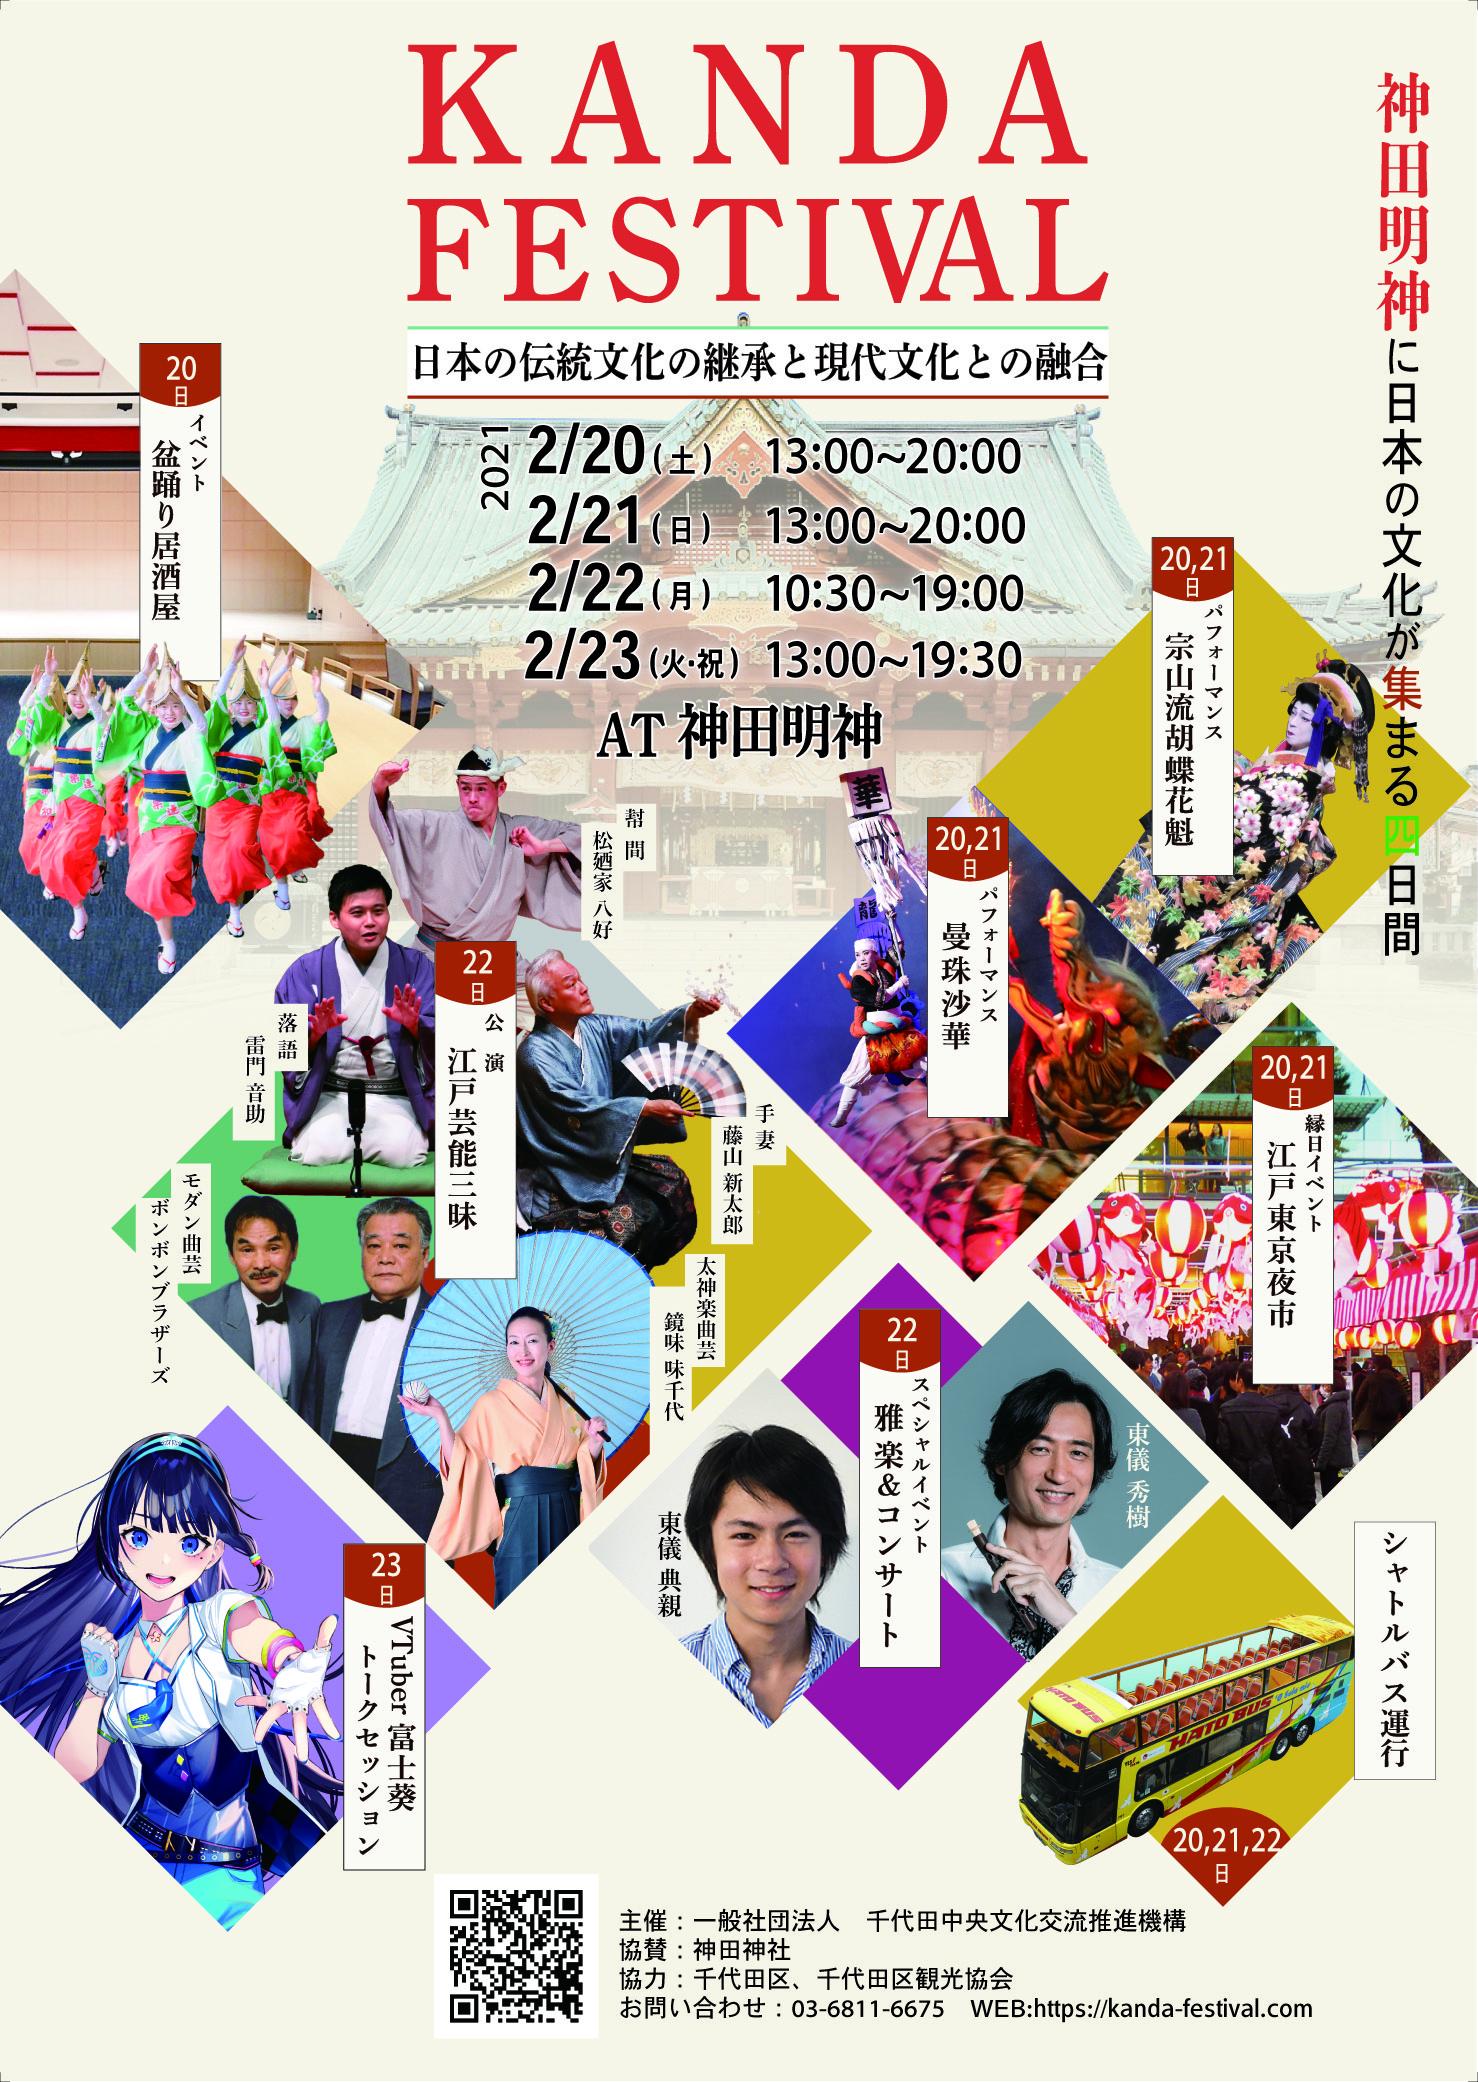 【PR】神田明神境内にてKANDA FESTIVALが開催されます。